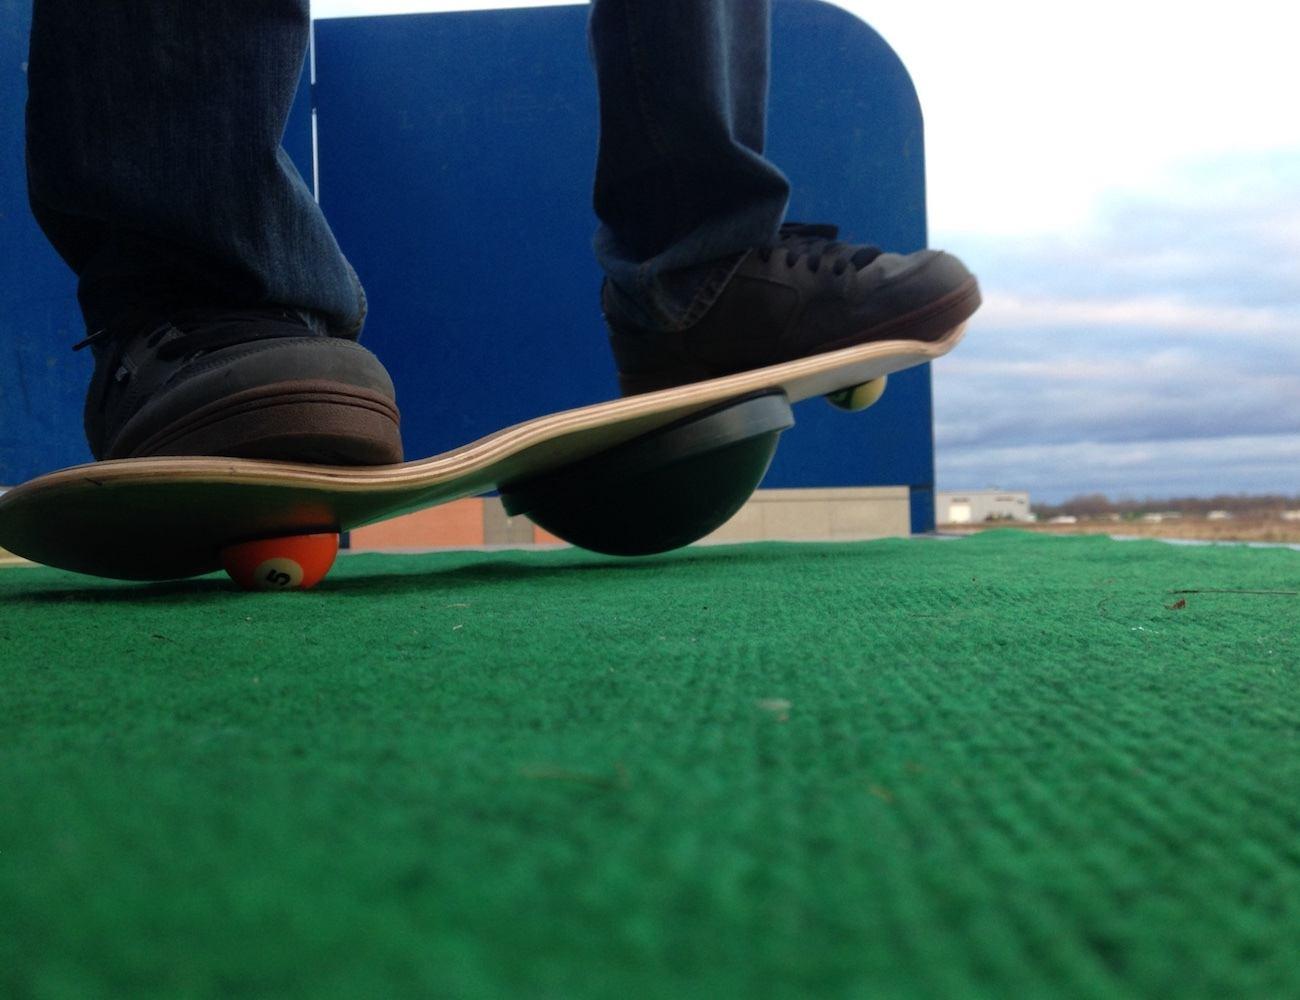 Whirly+Balance+Board